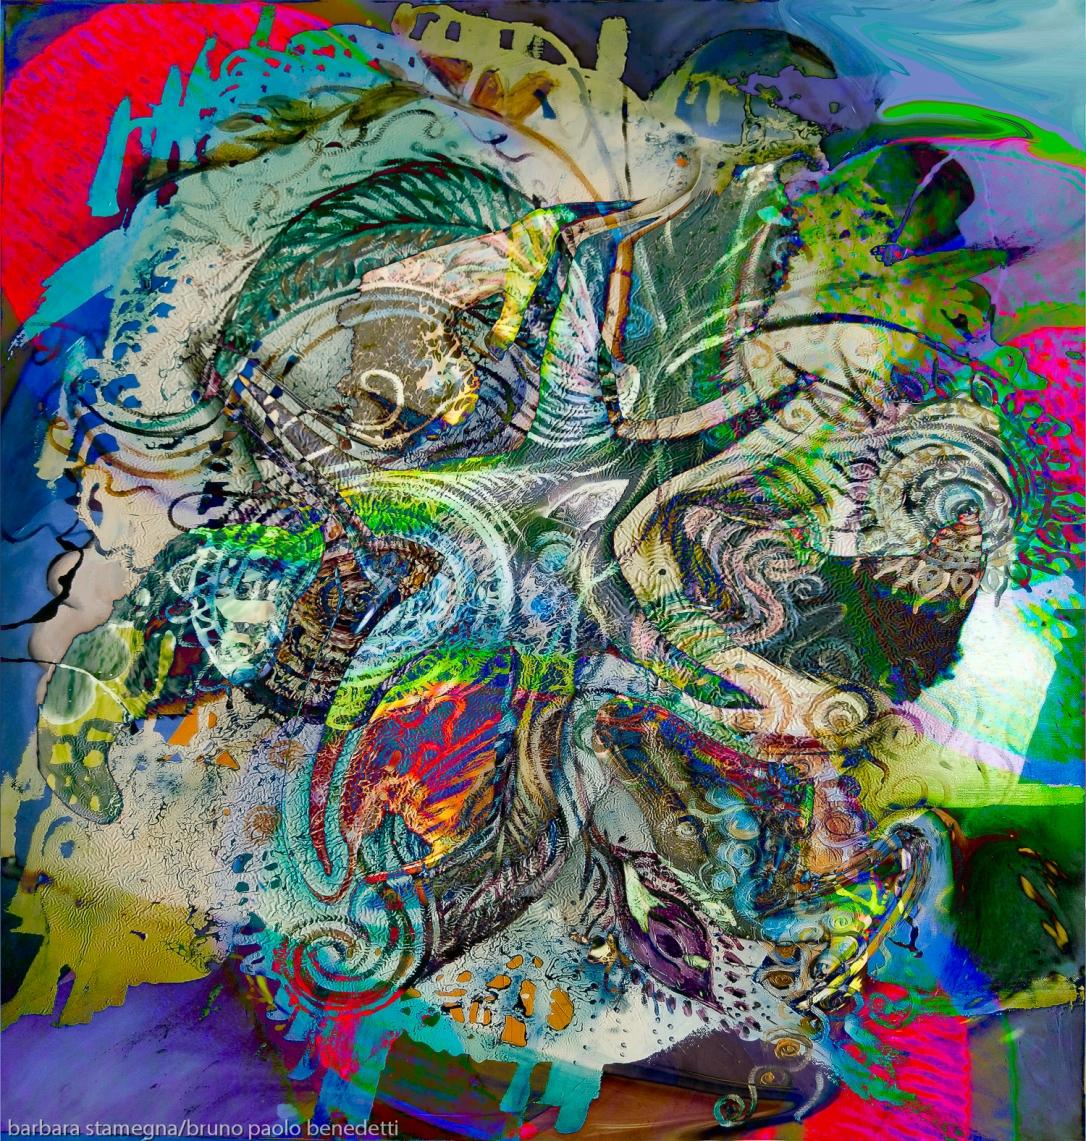 composizione astratta variopinta dai colori screziati con immagine astratta a forma di stella fluida